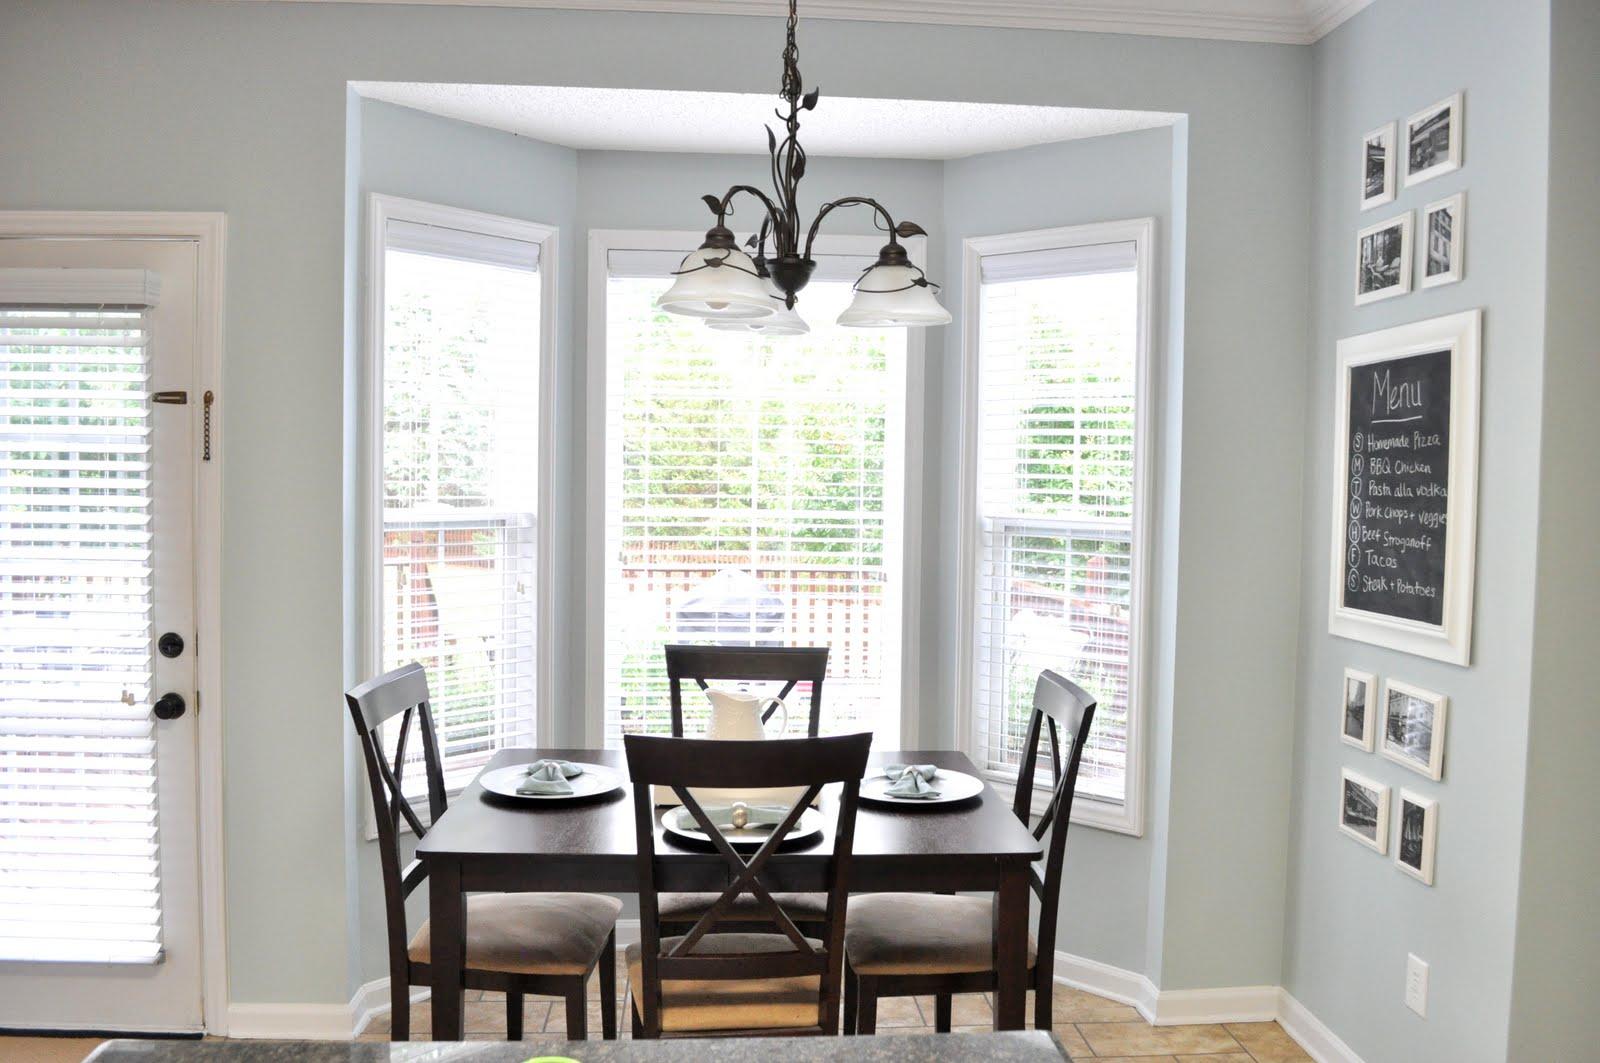 میز کنار پنجره در محیط آشپزخانه کلاسیک